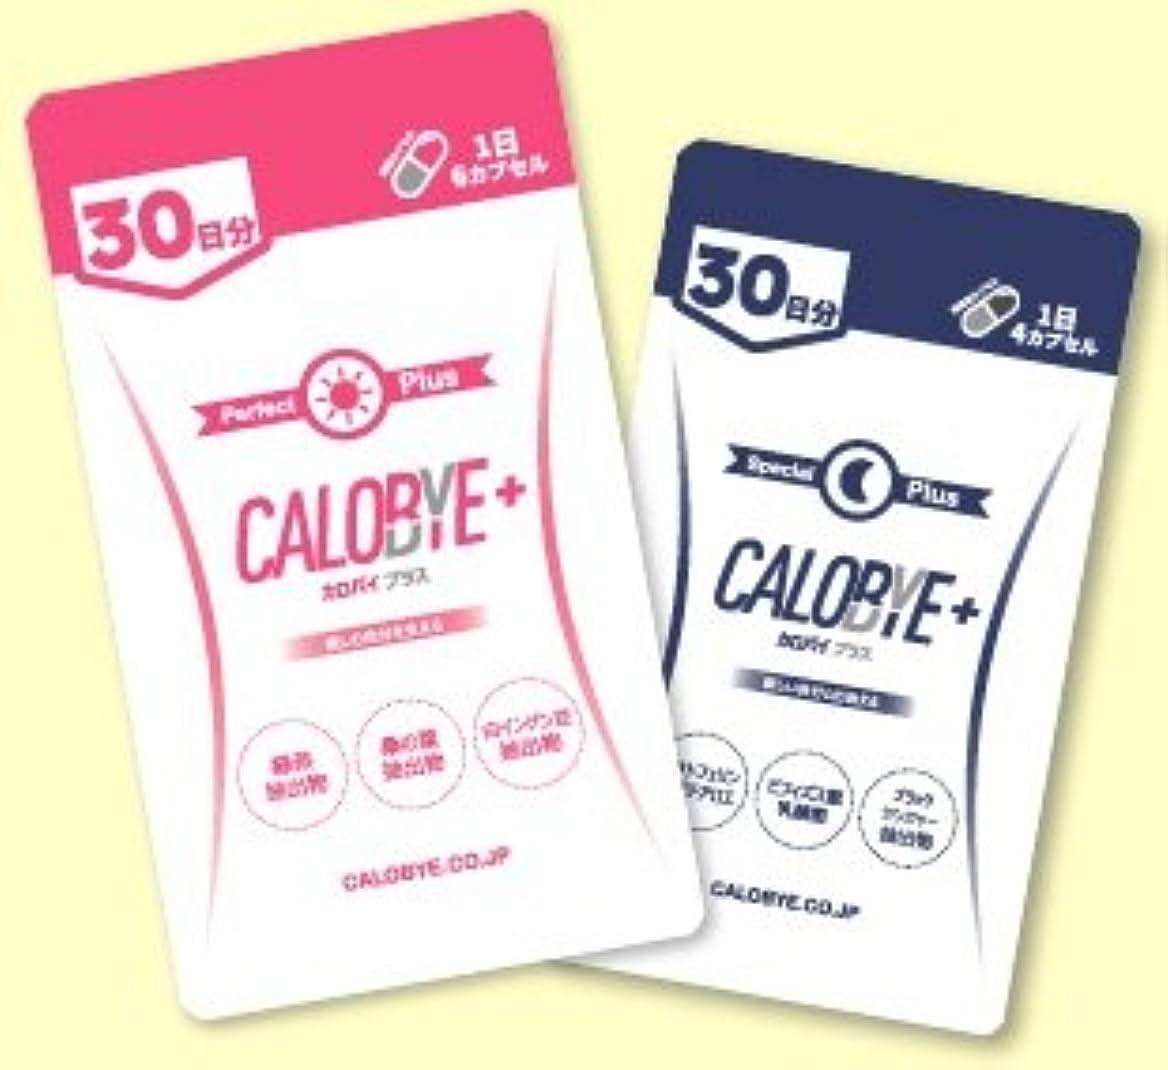 ブランデー拍手する眉をひそめるCALOBYE+ (カロバイプラス) CALOBYE SPECIAL+ (カロバイスペシャルプラス) 昼夜セット